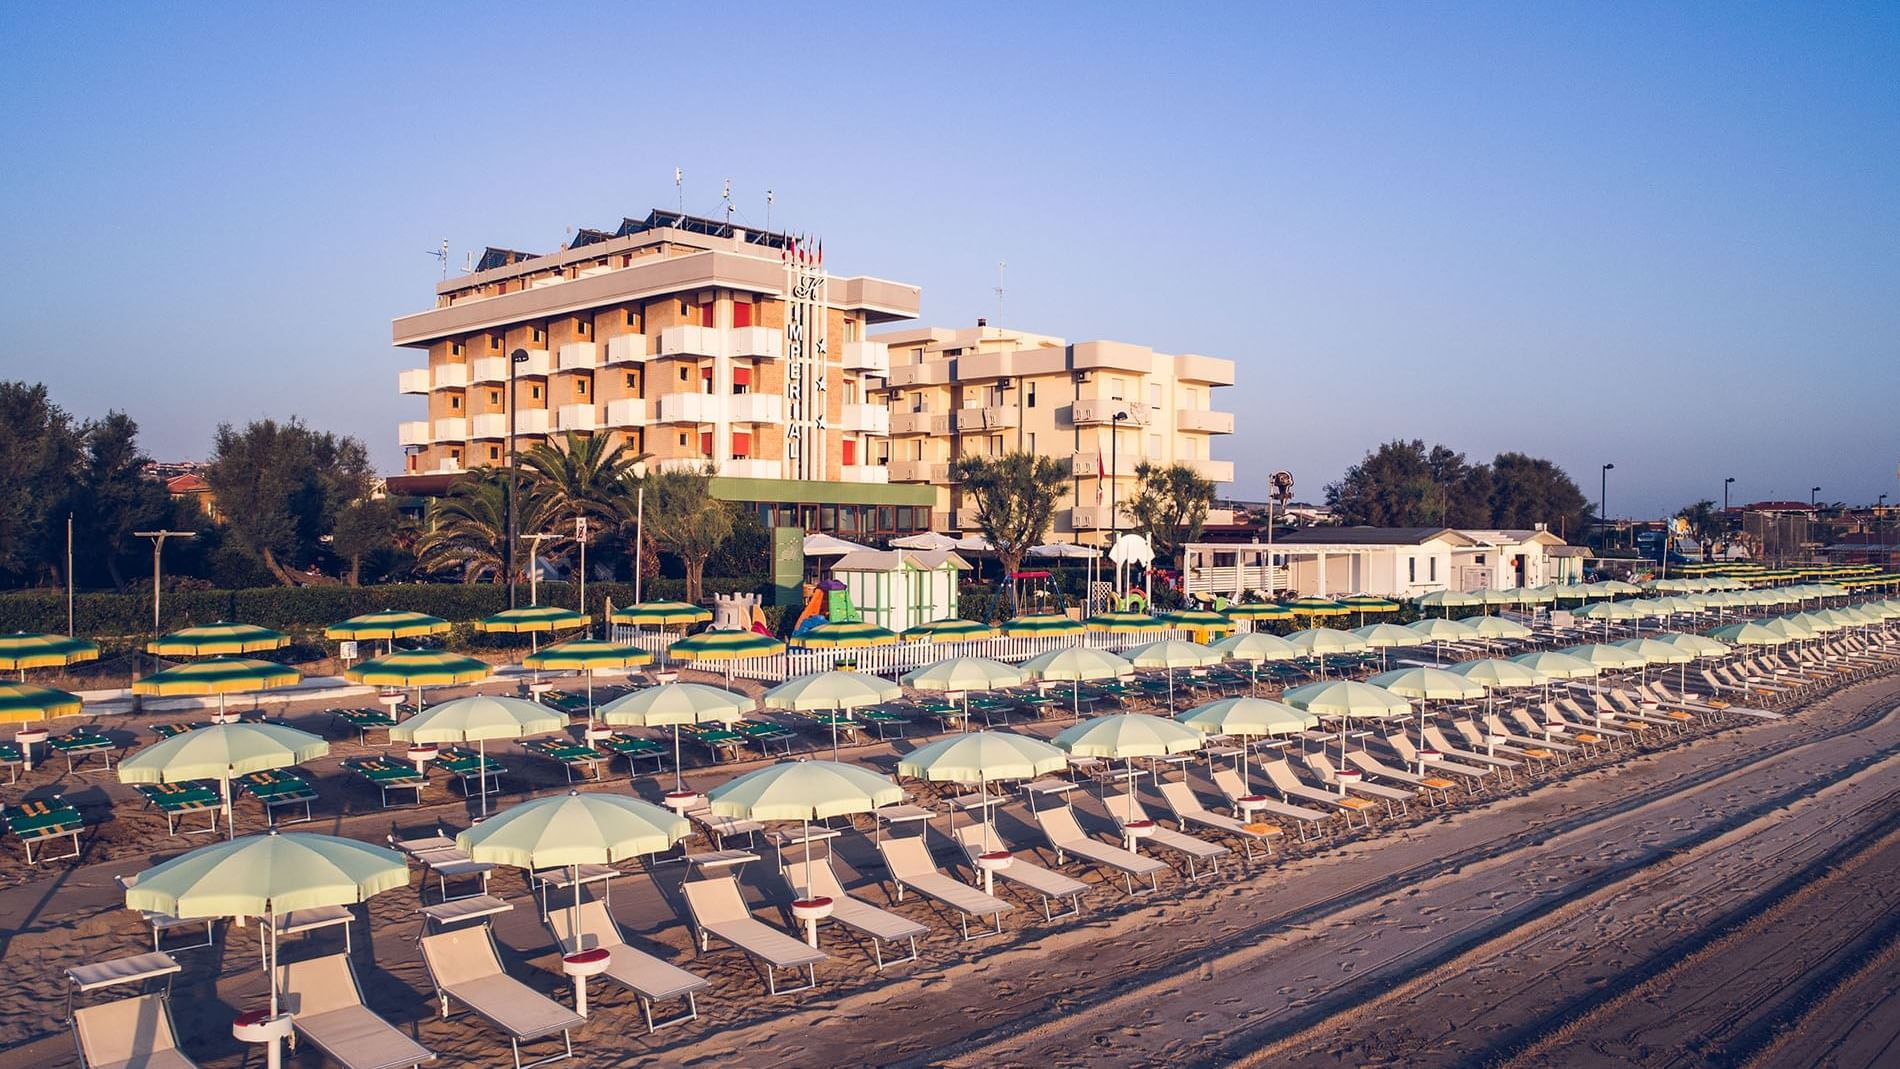 UNAWAY Imperial Beach Hotel Fano ti dà il benvenuto